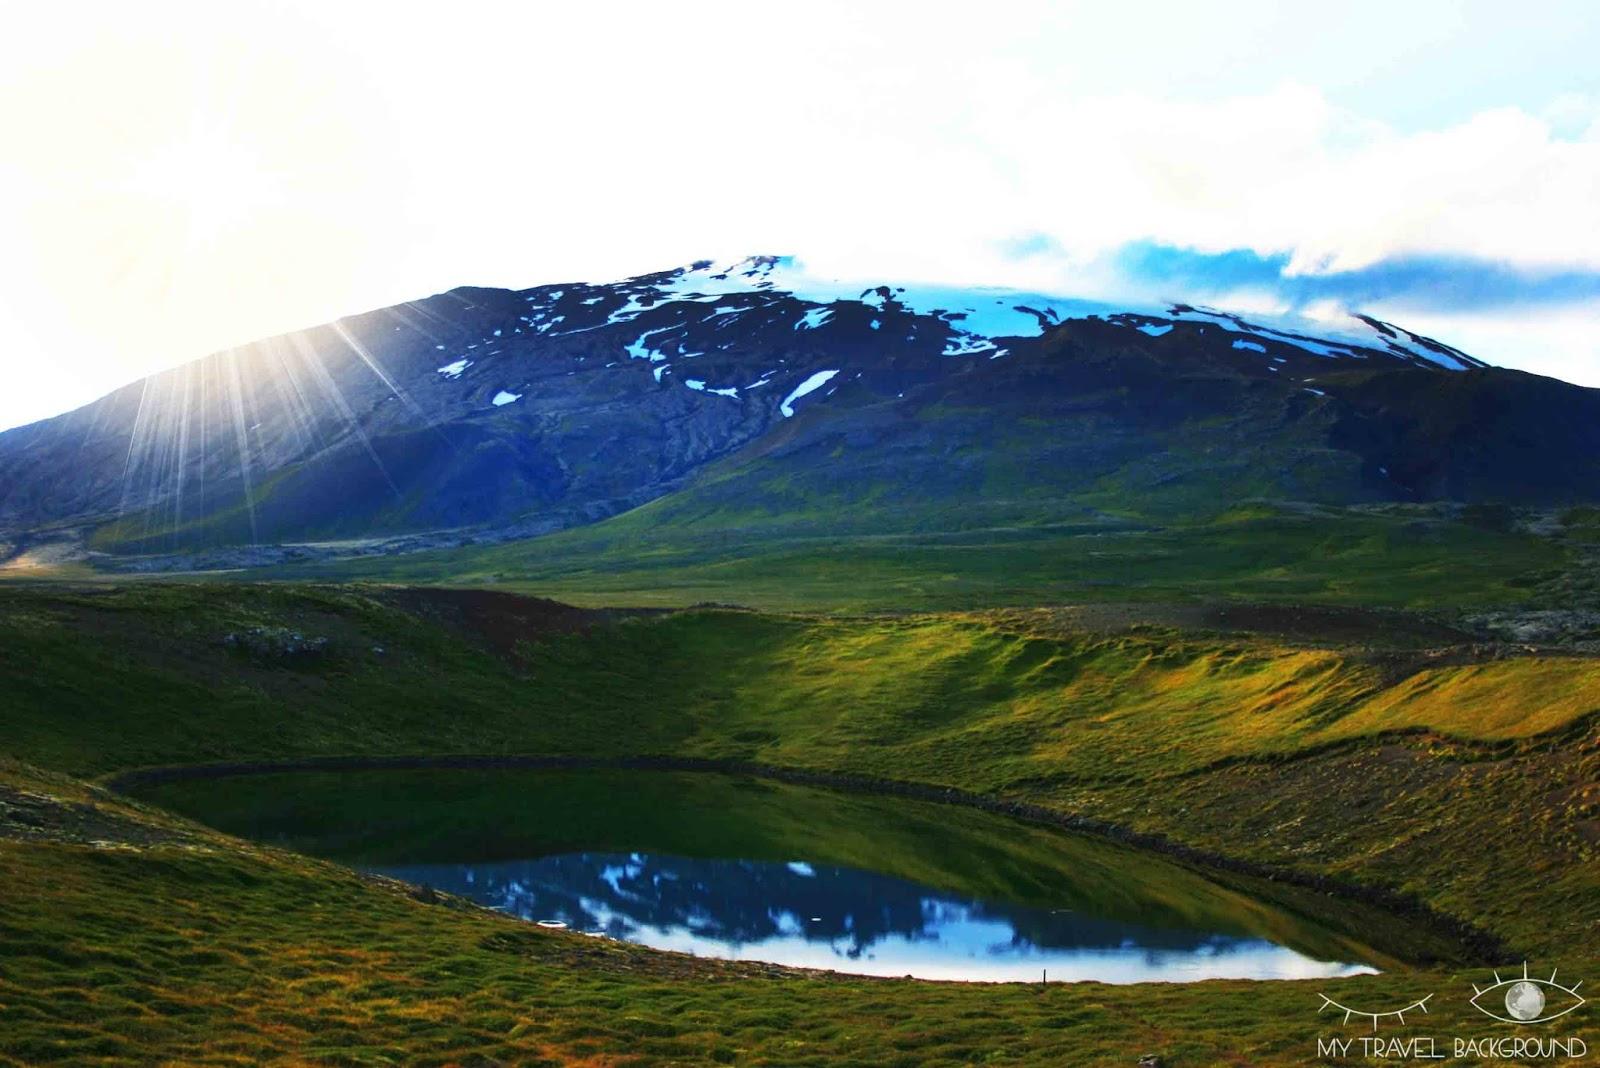 My Travel Background : 18 lieux à découvrir absolument en Islande, des paysages incroyables